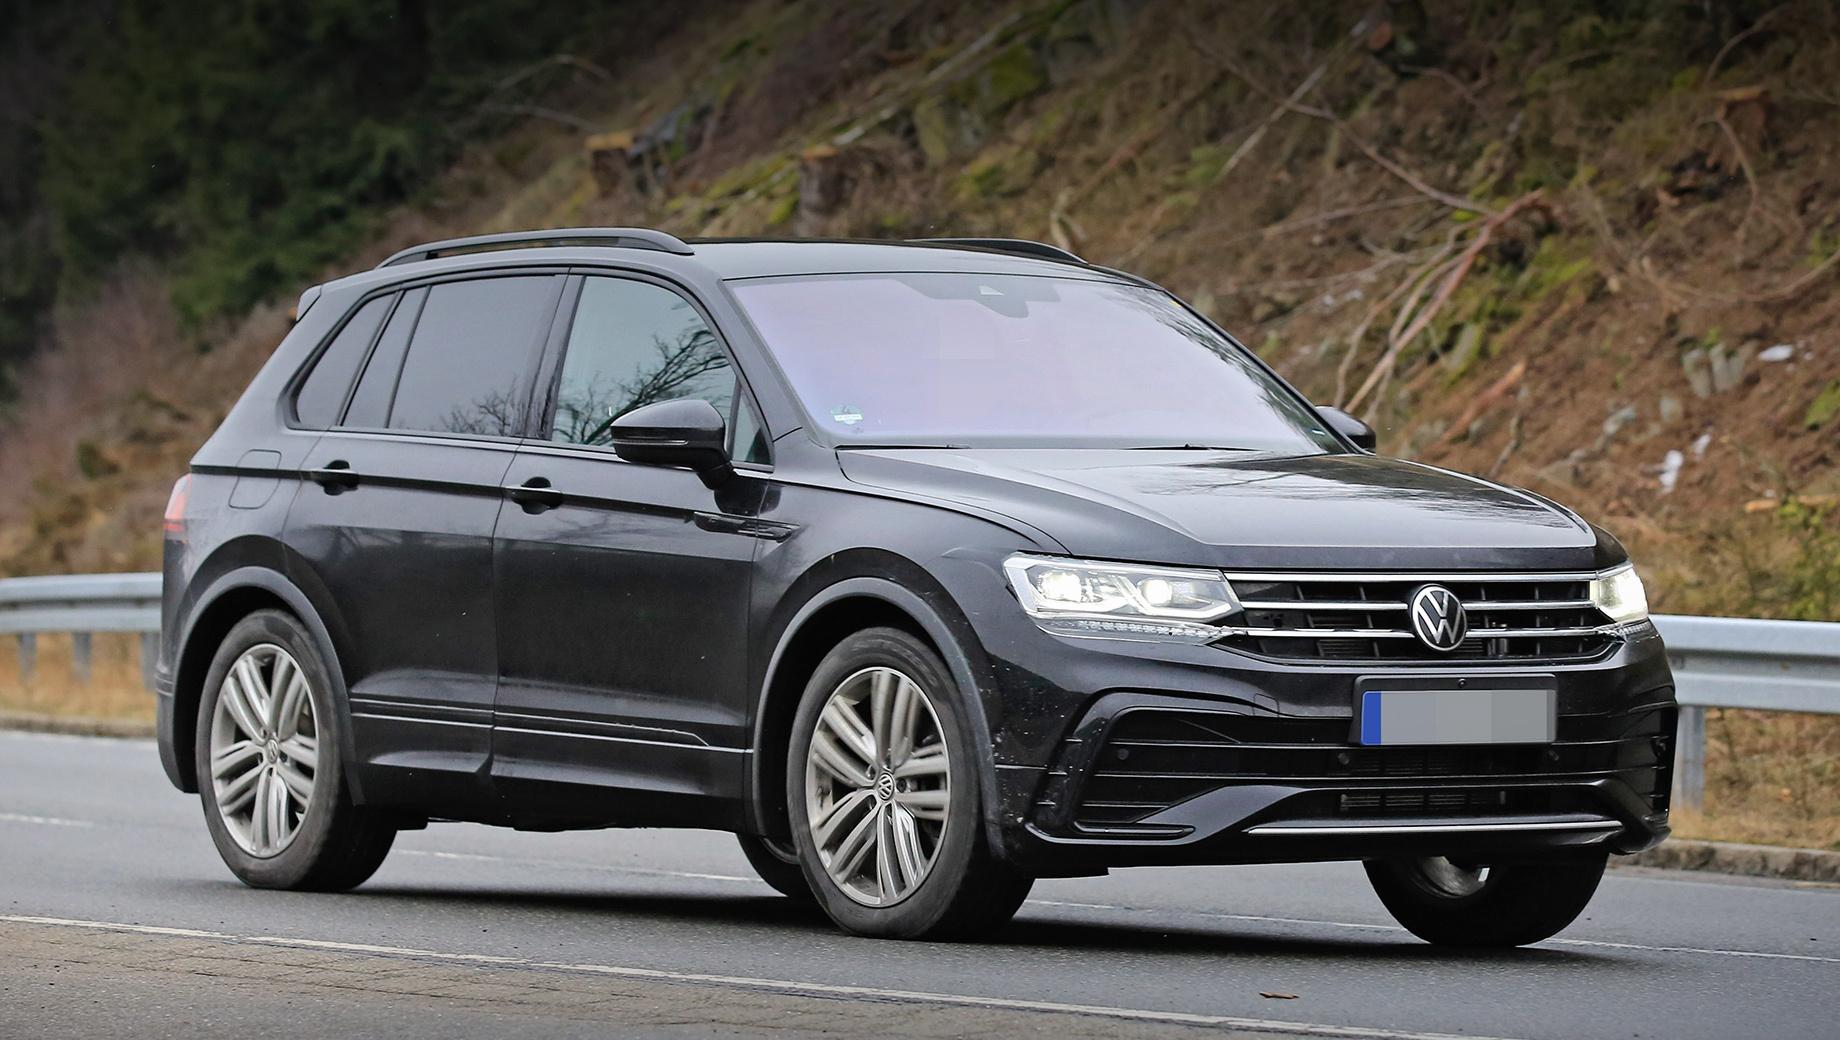 Обновлённый Volkswagen Tiguan породнится с новым Гольфом